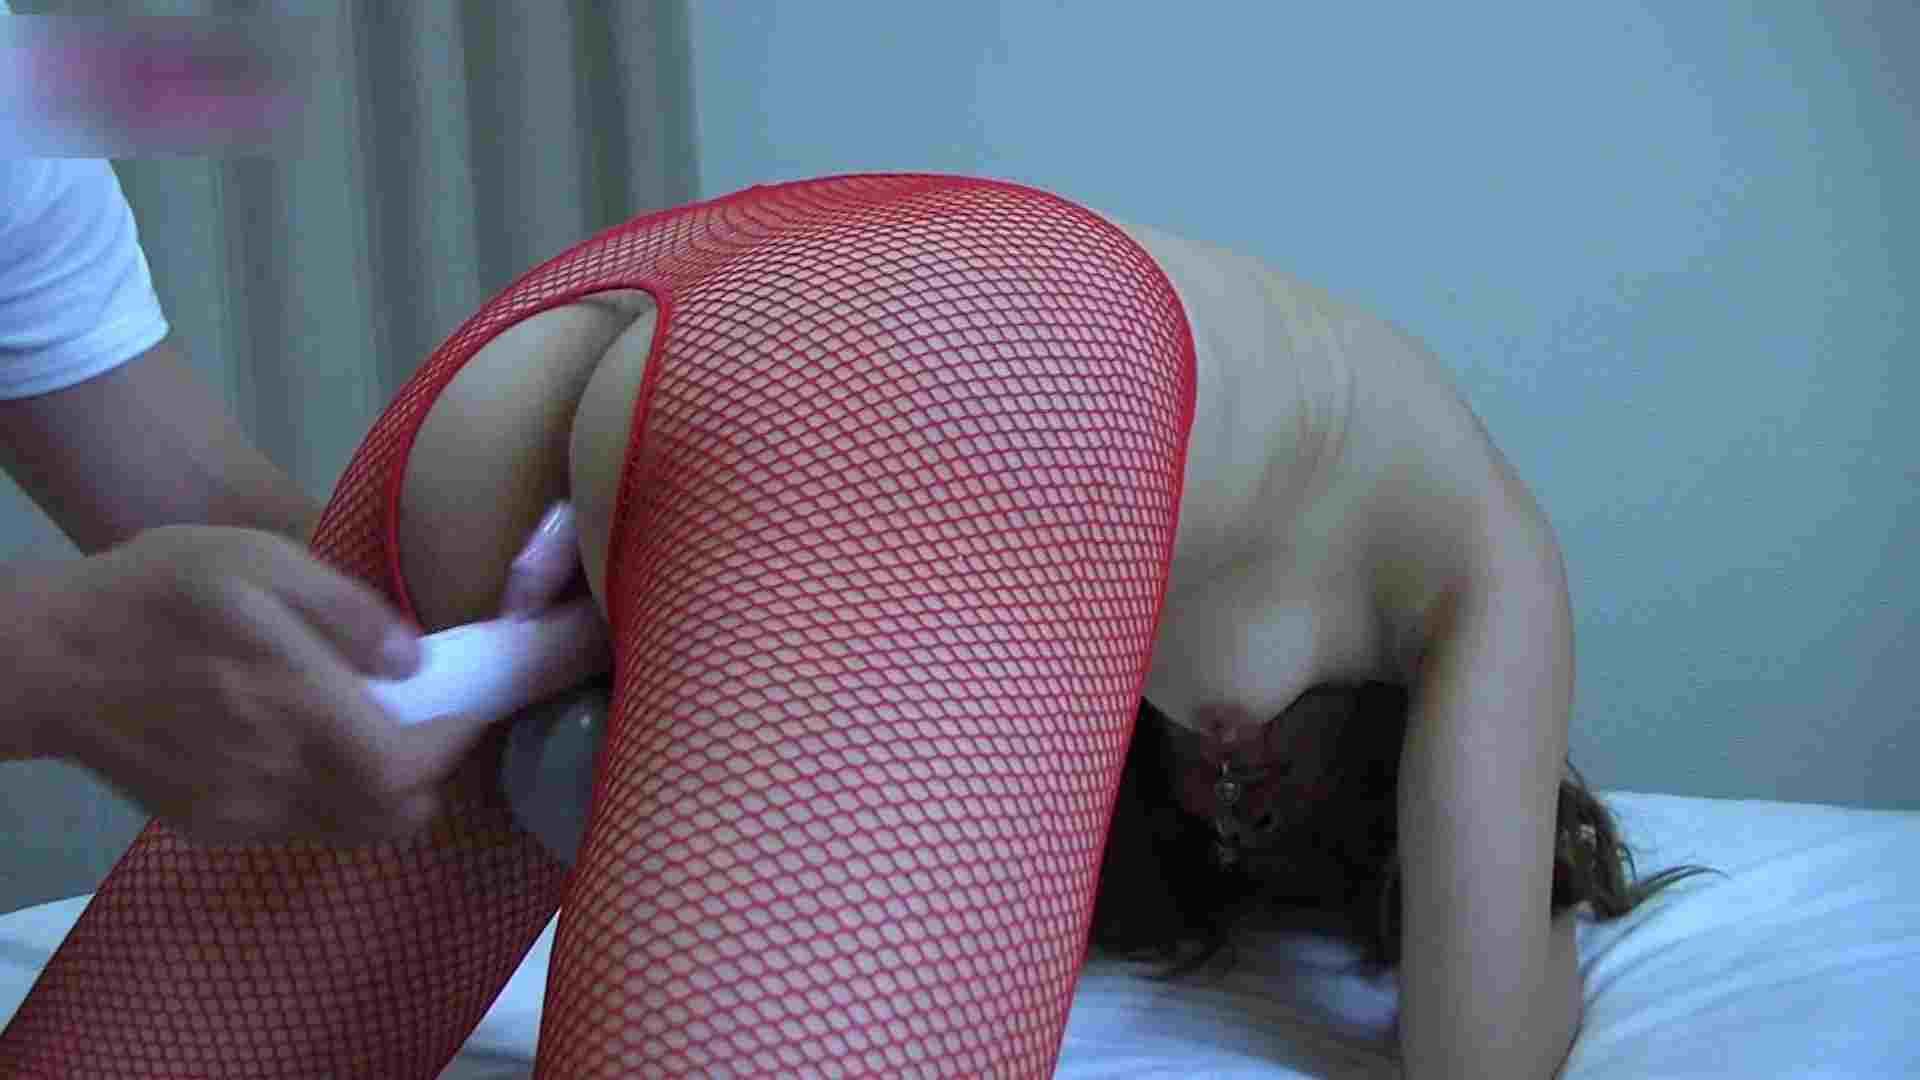 ギャルにしたいエロい事 Vol.08 後編 ギャル達のセックス | OL裸体  52画像 25